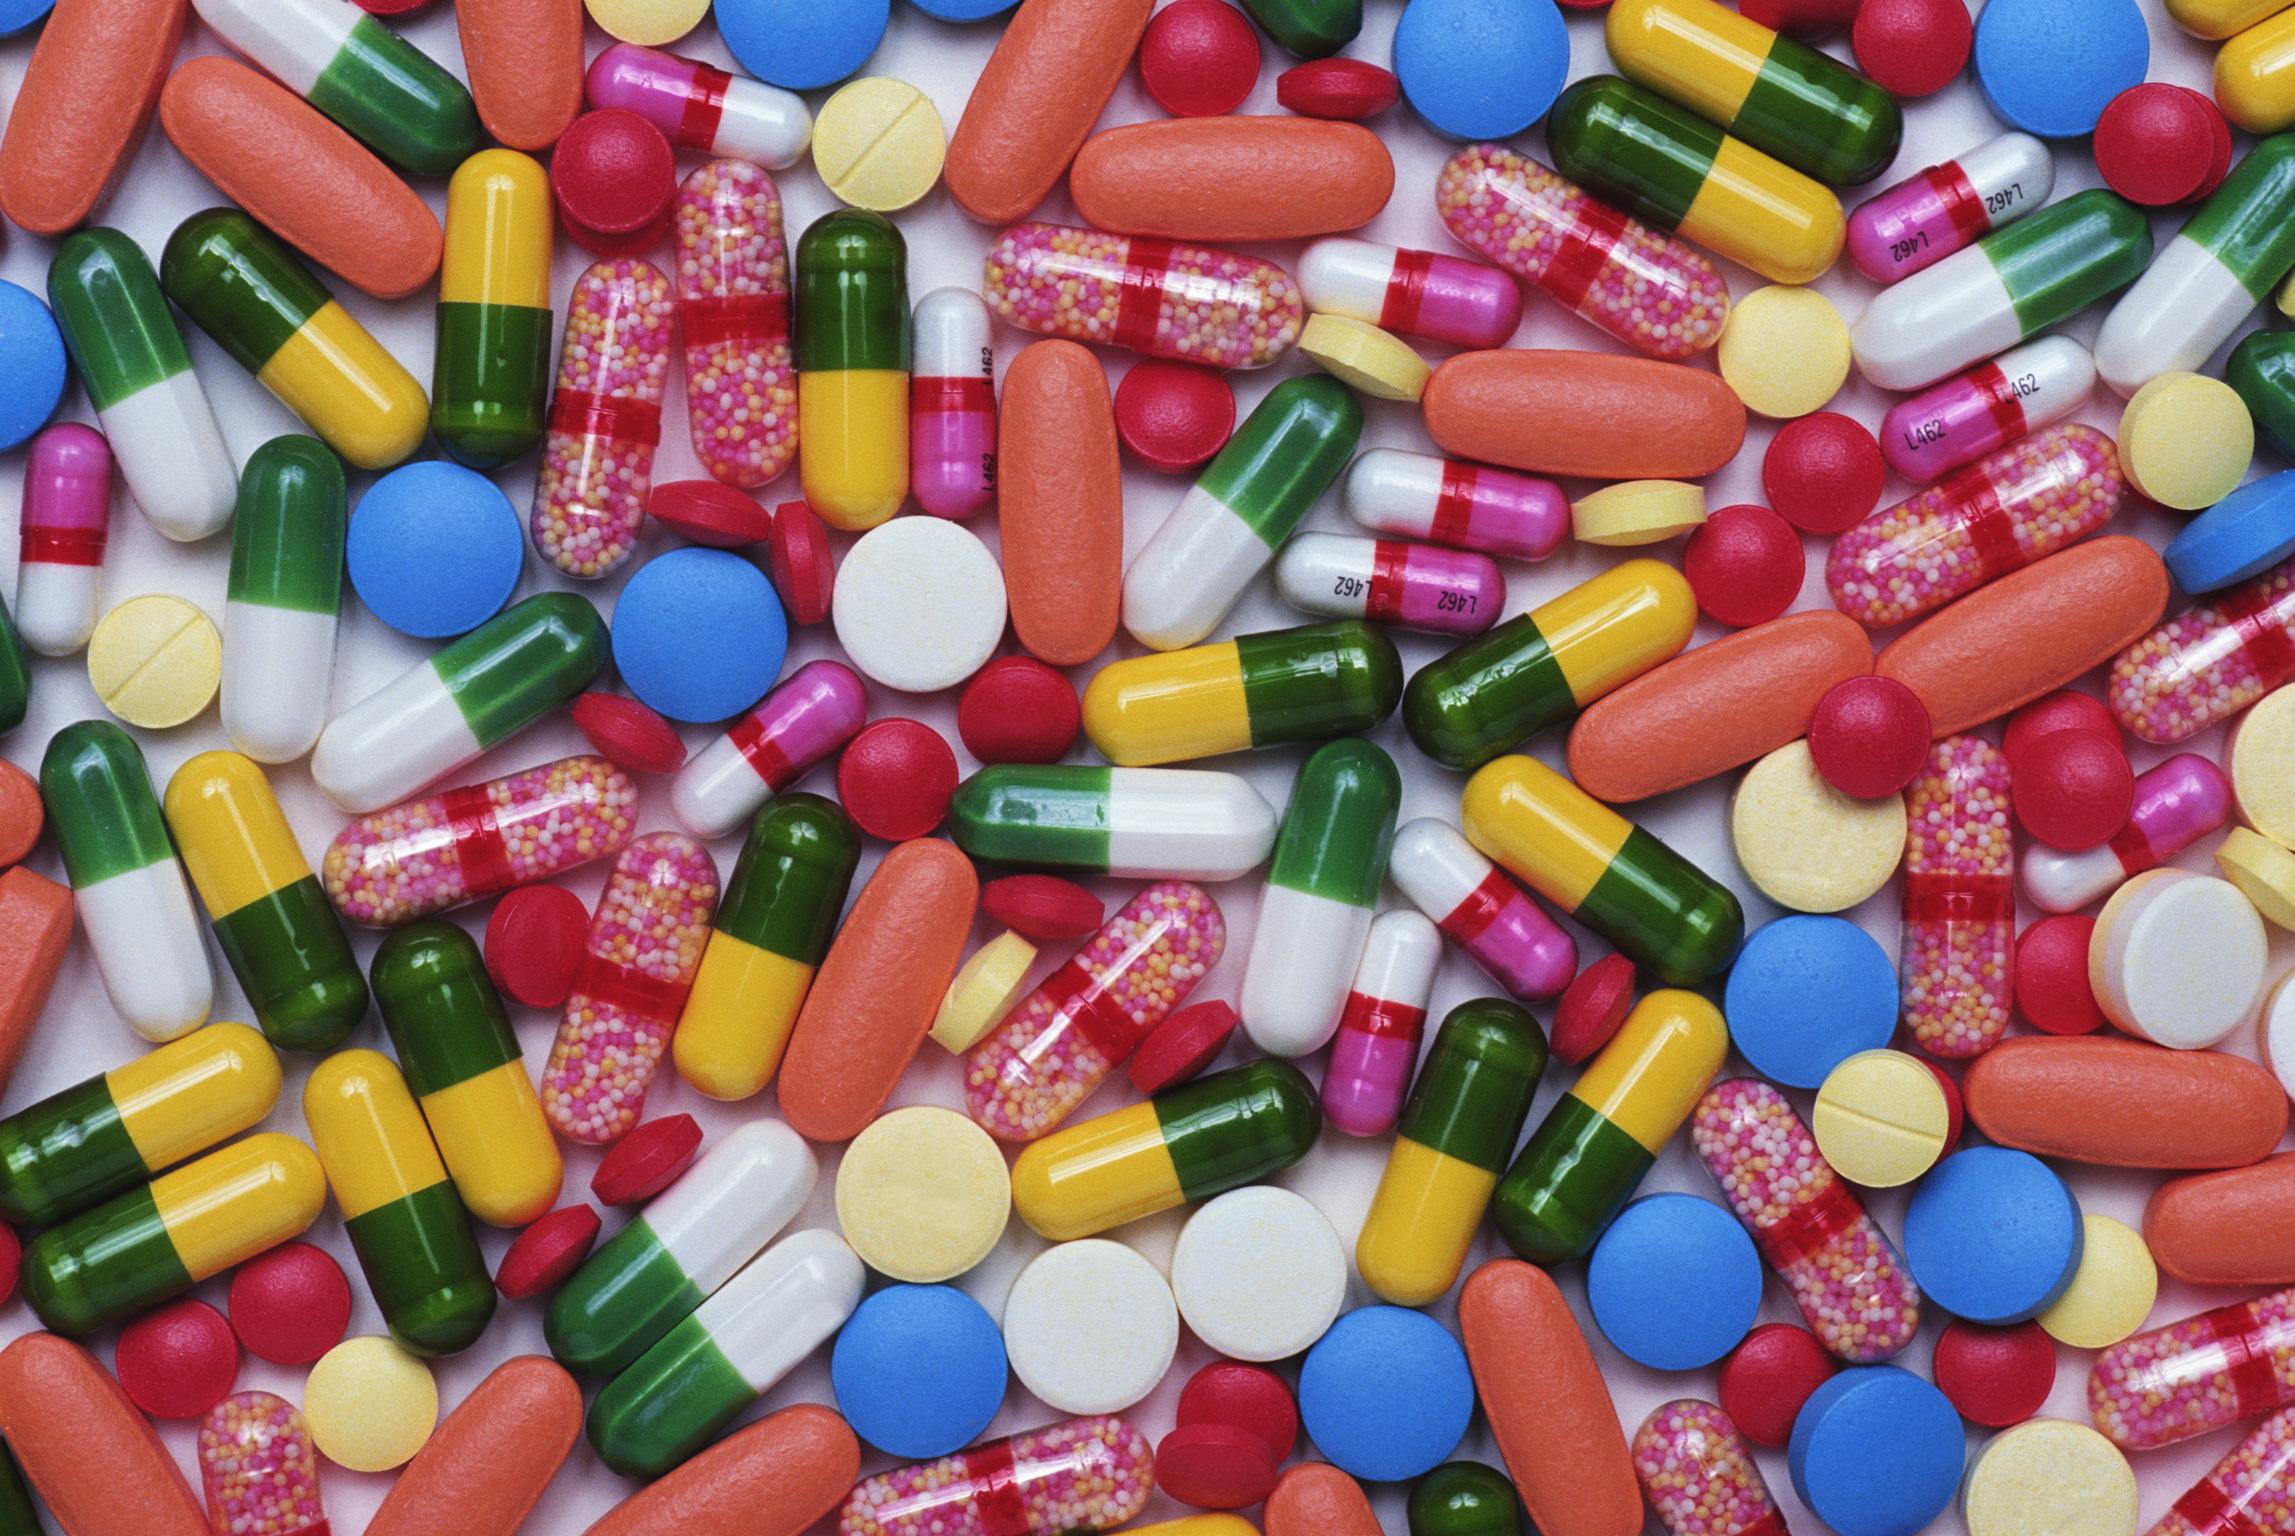 medicaments3-2